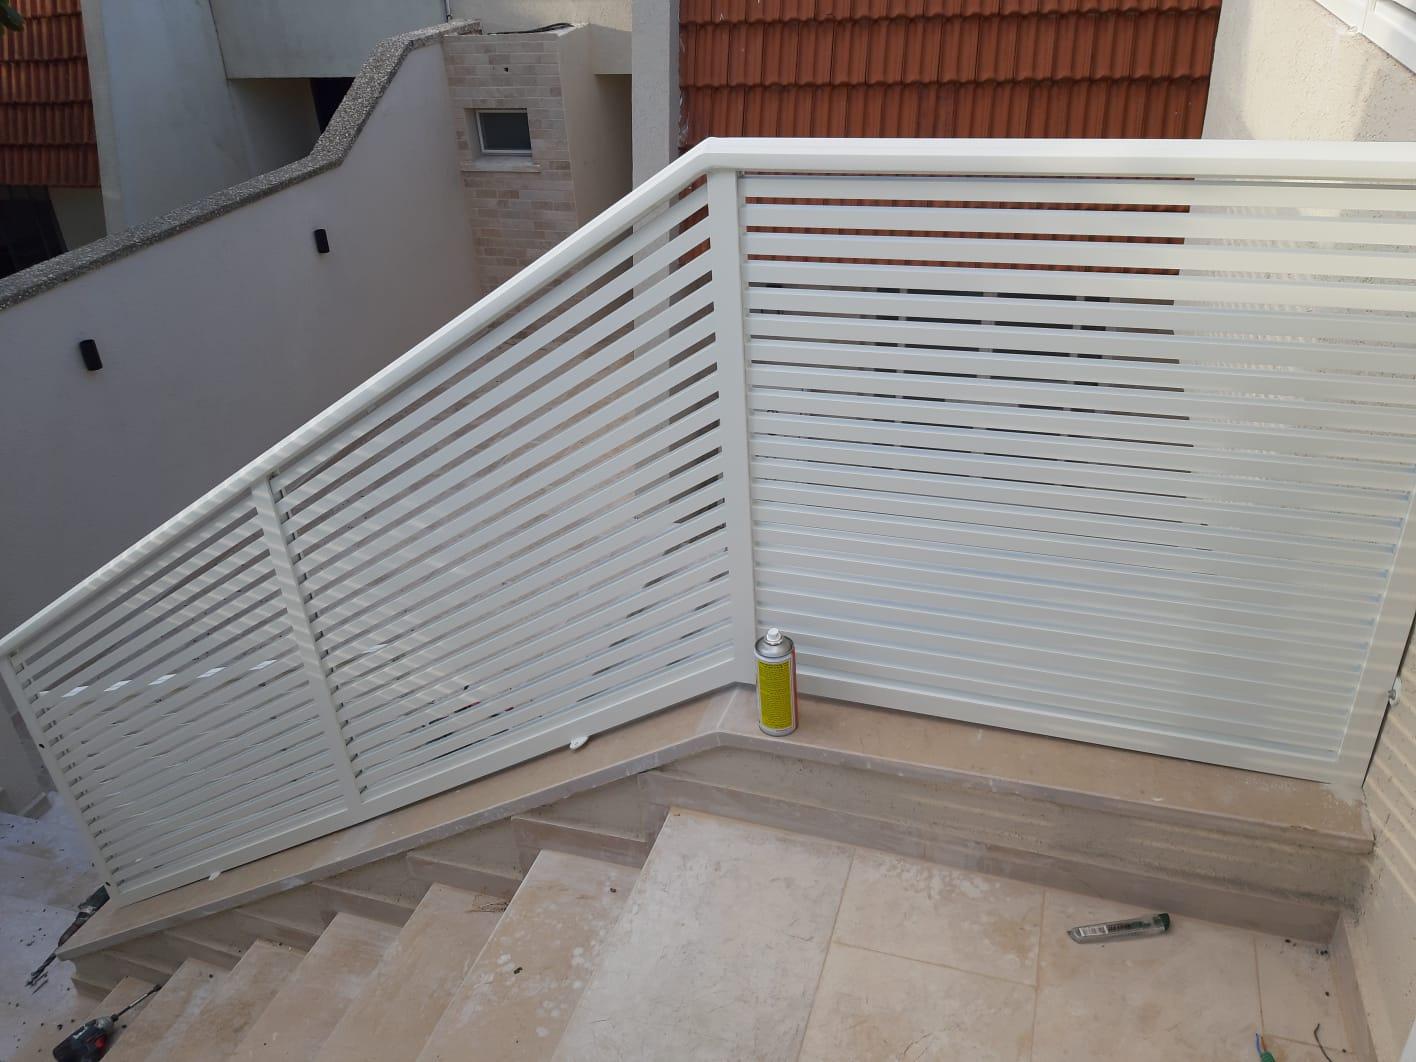 מעקה אלומיניום לבן לגרם מדרגות